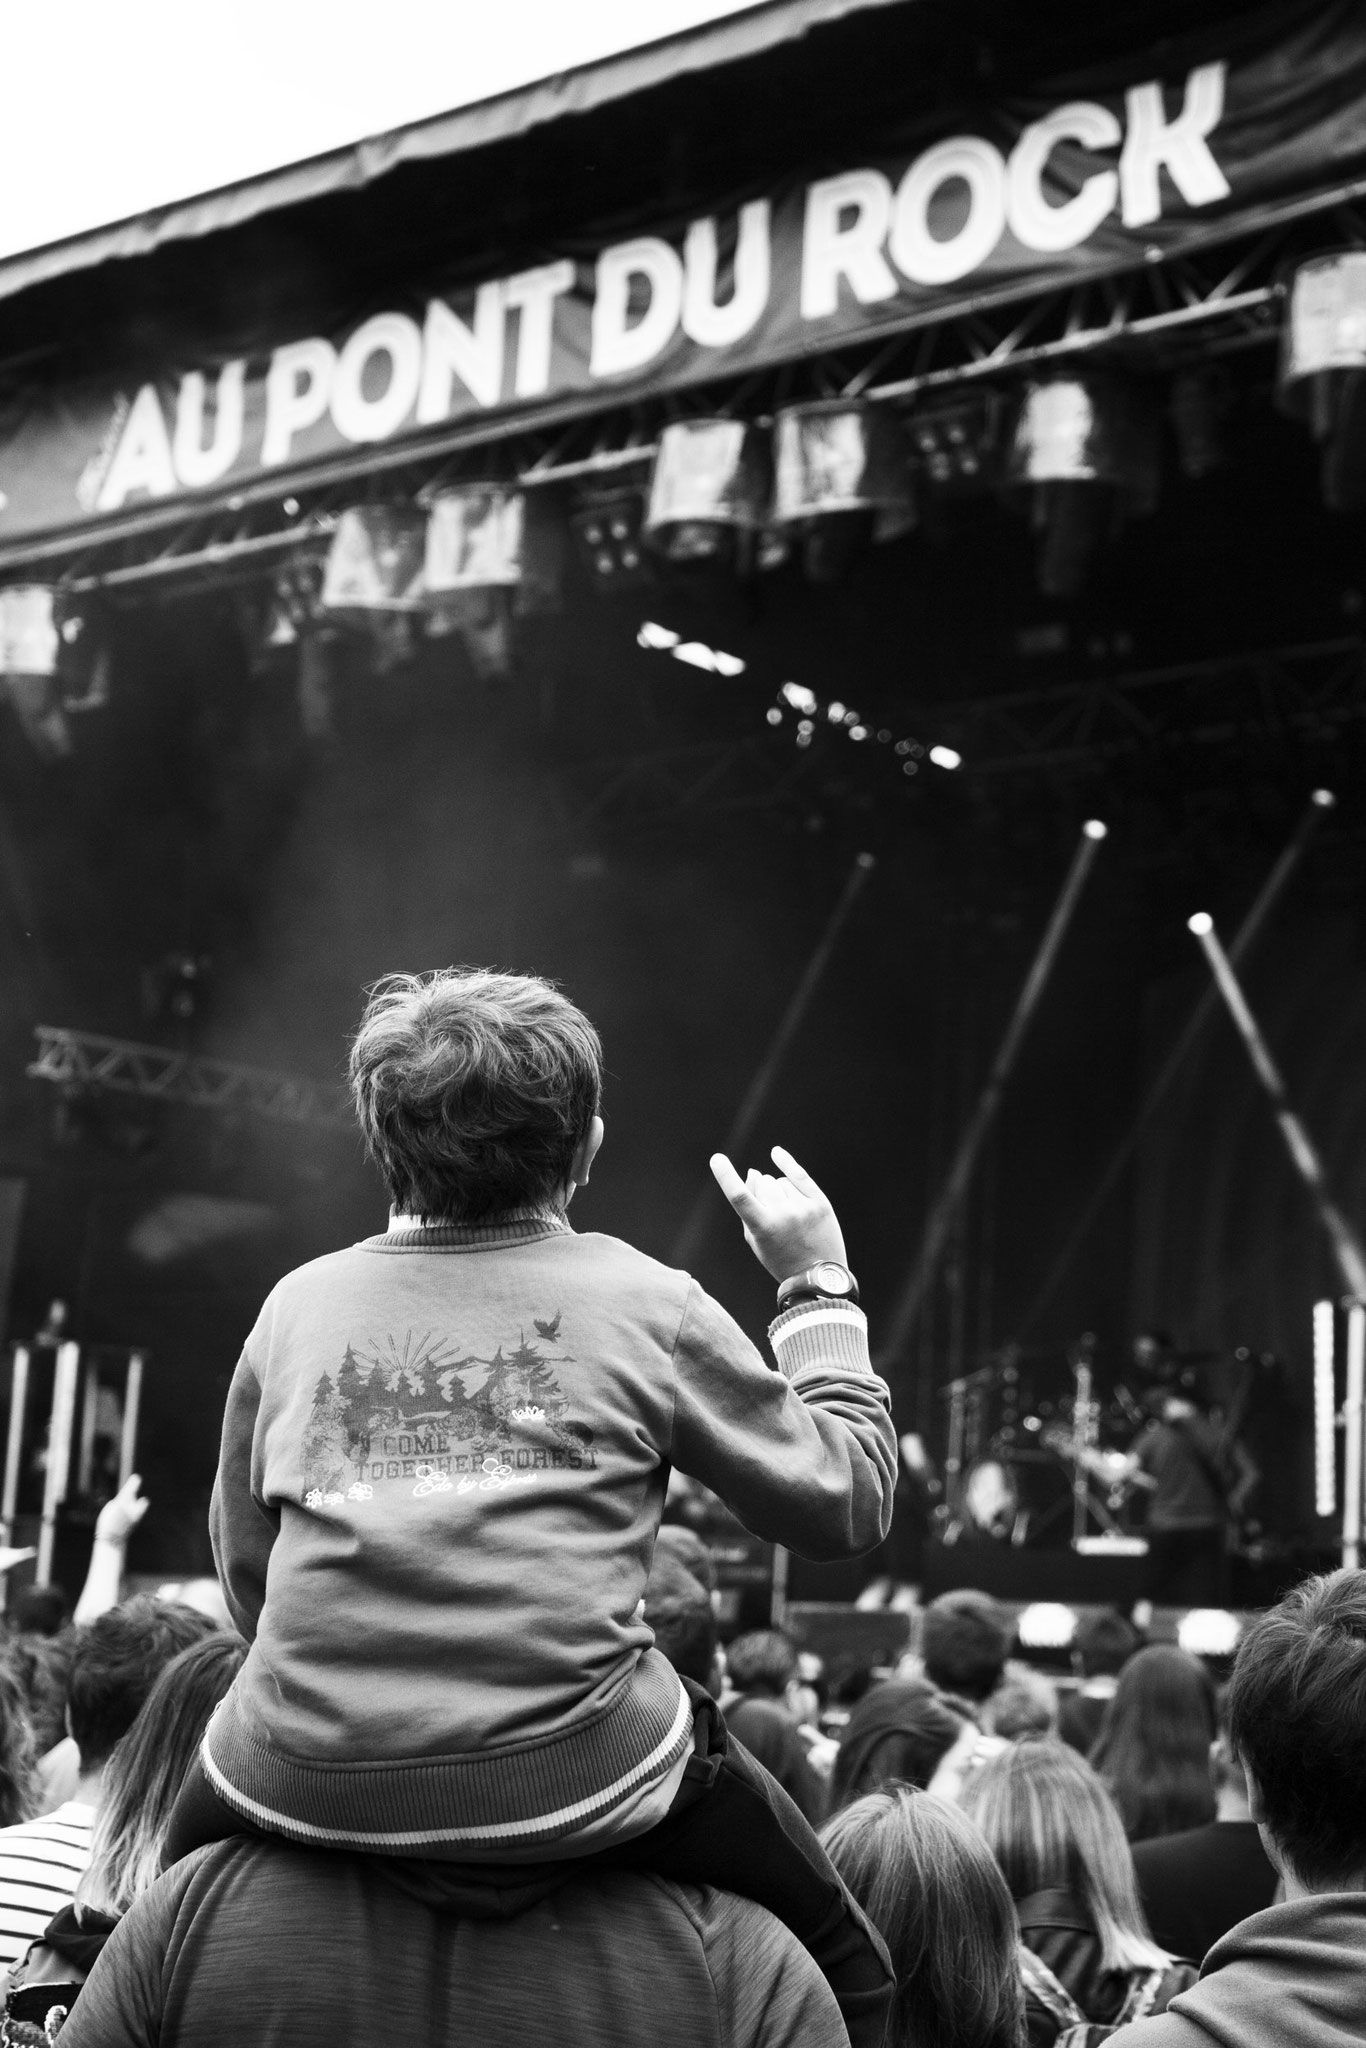 Festival Au Pont du Rock 2021. ©Clémence Rougetet